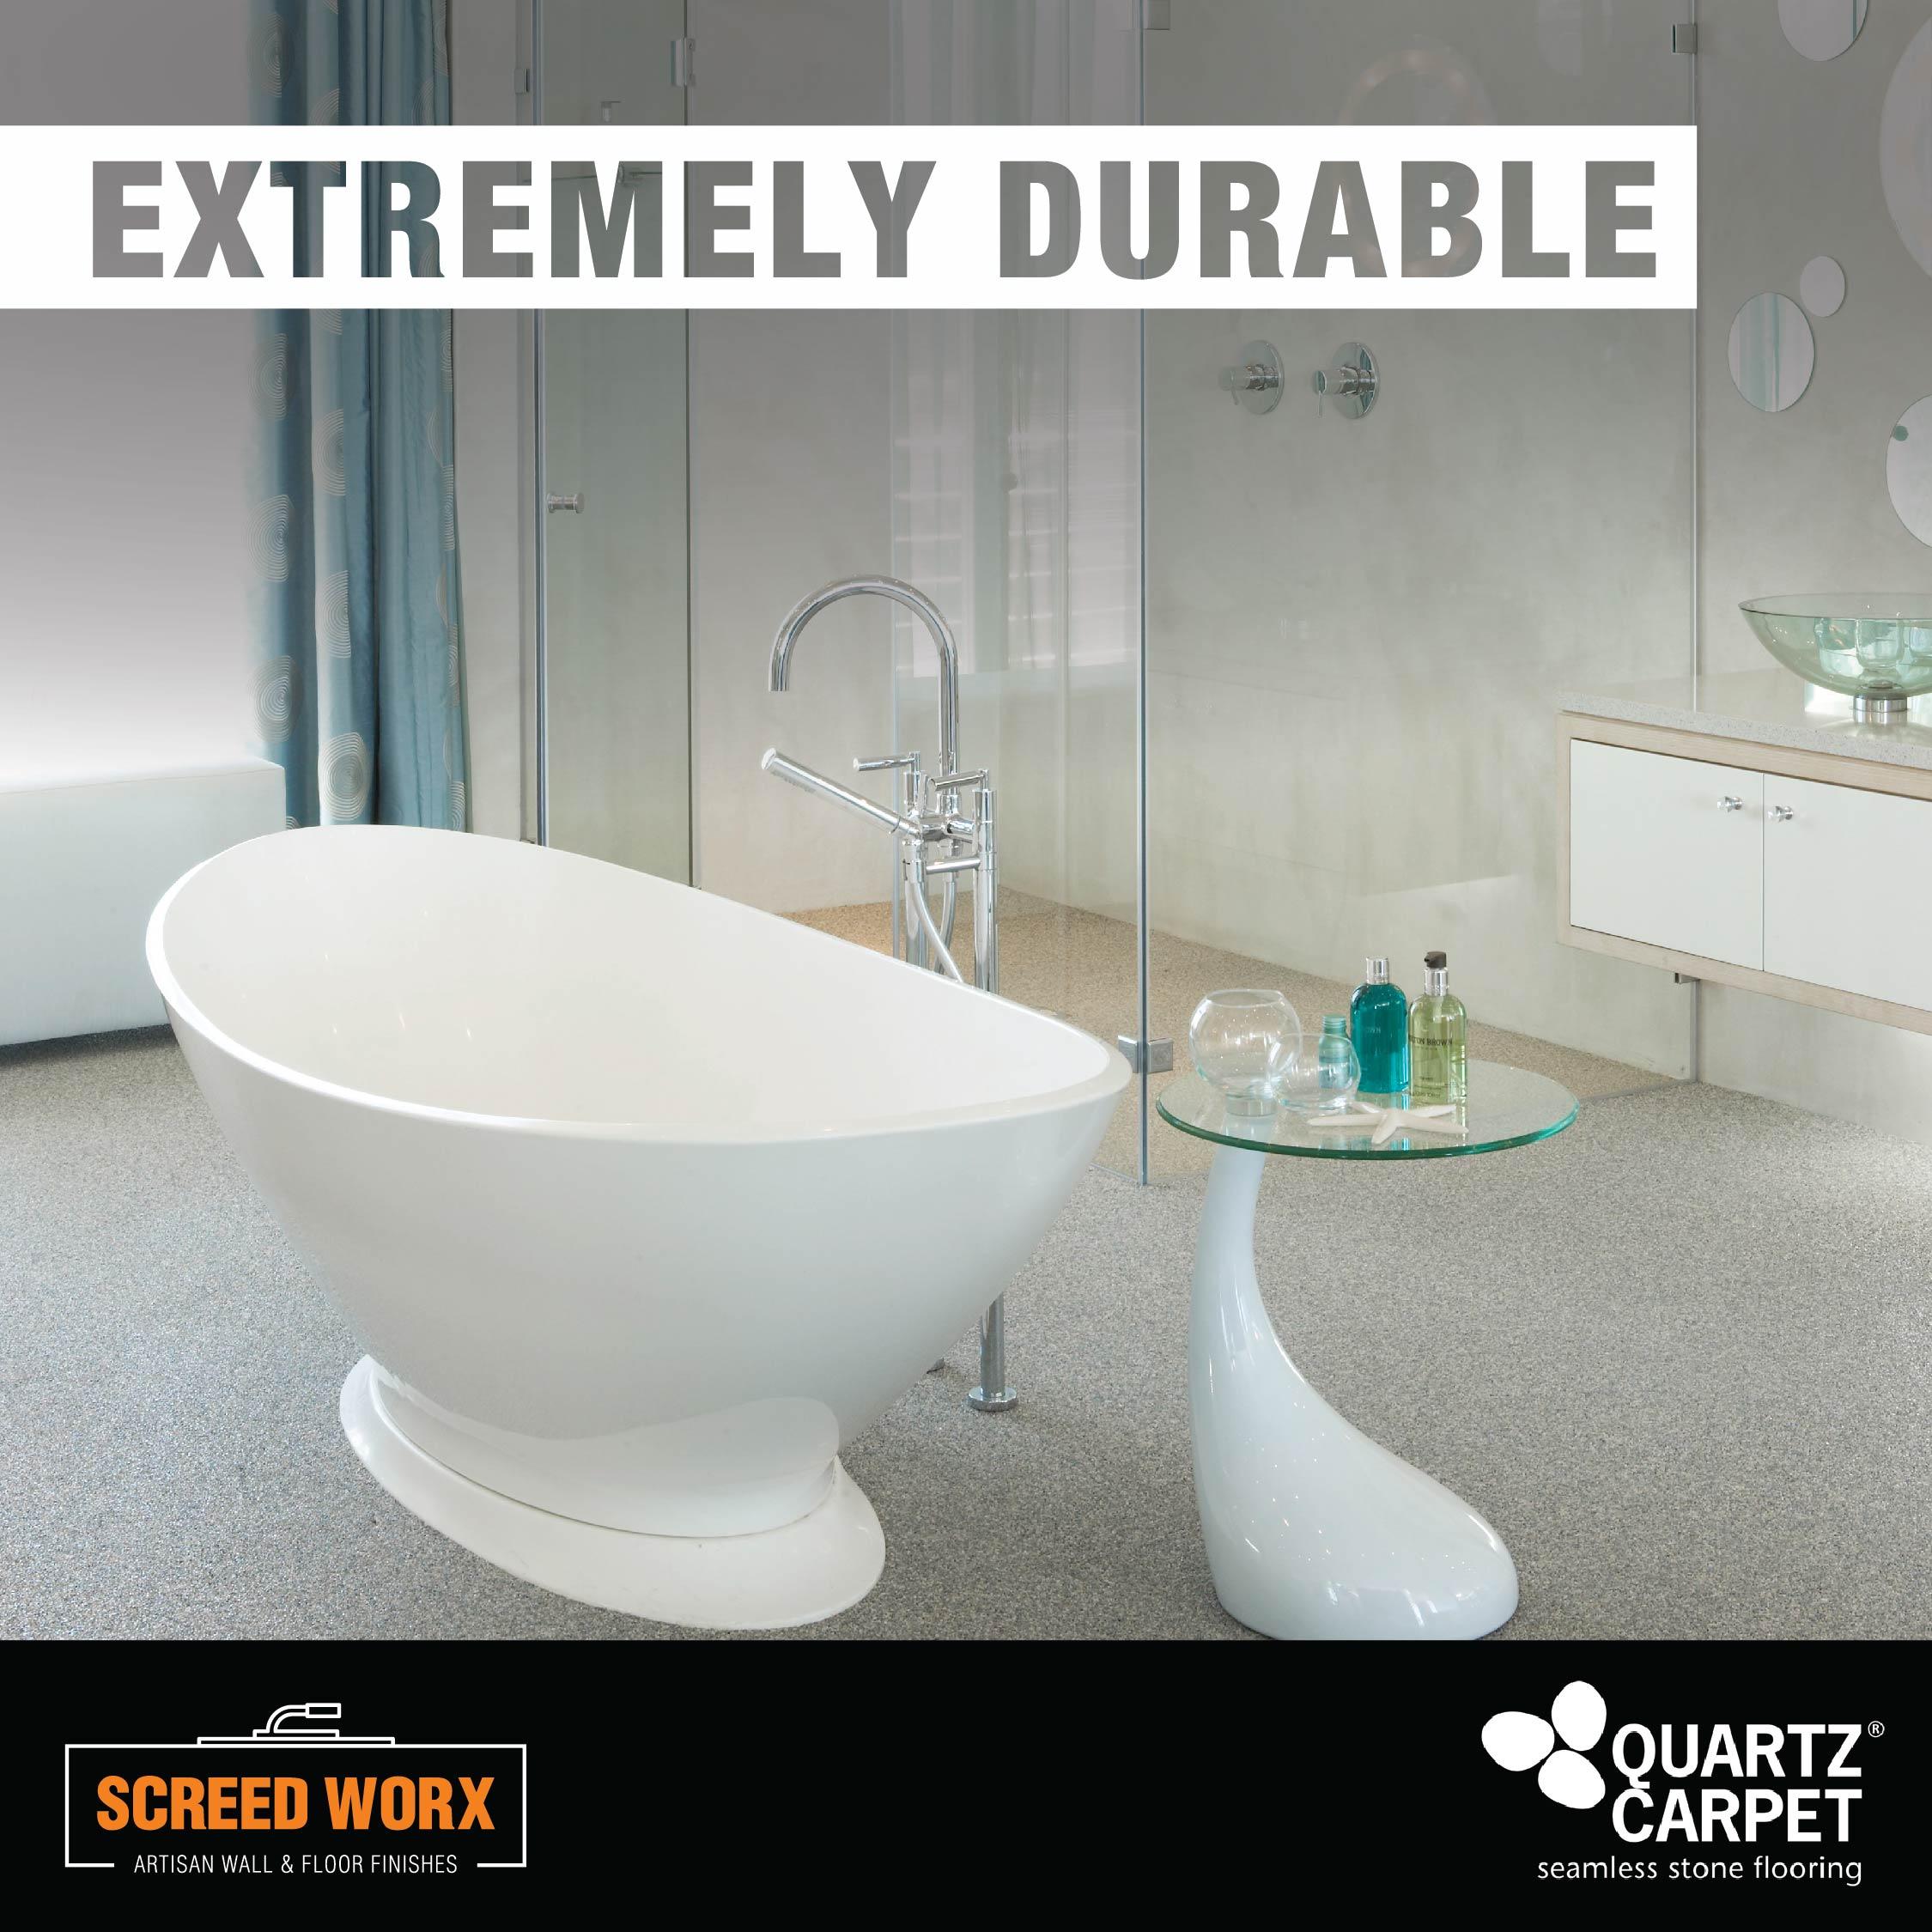 Quartz Carpet in a bathroom